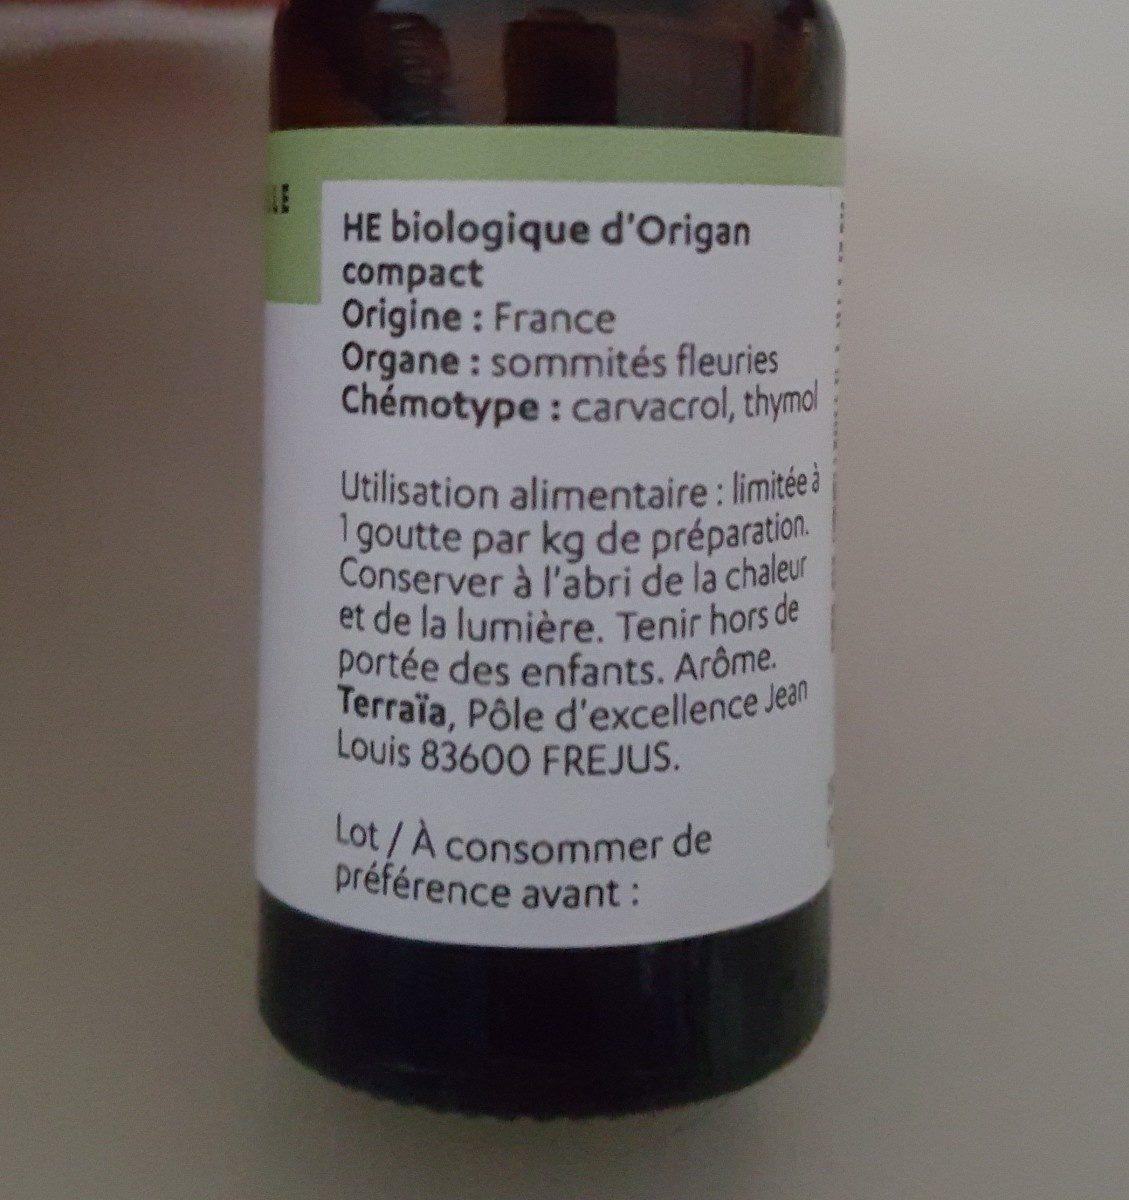 Huile essentielle Origan Compact - Ingredients